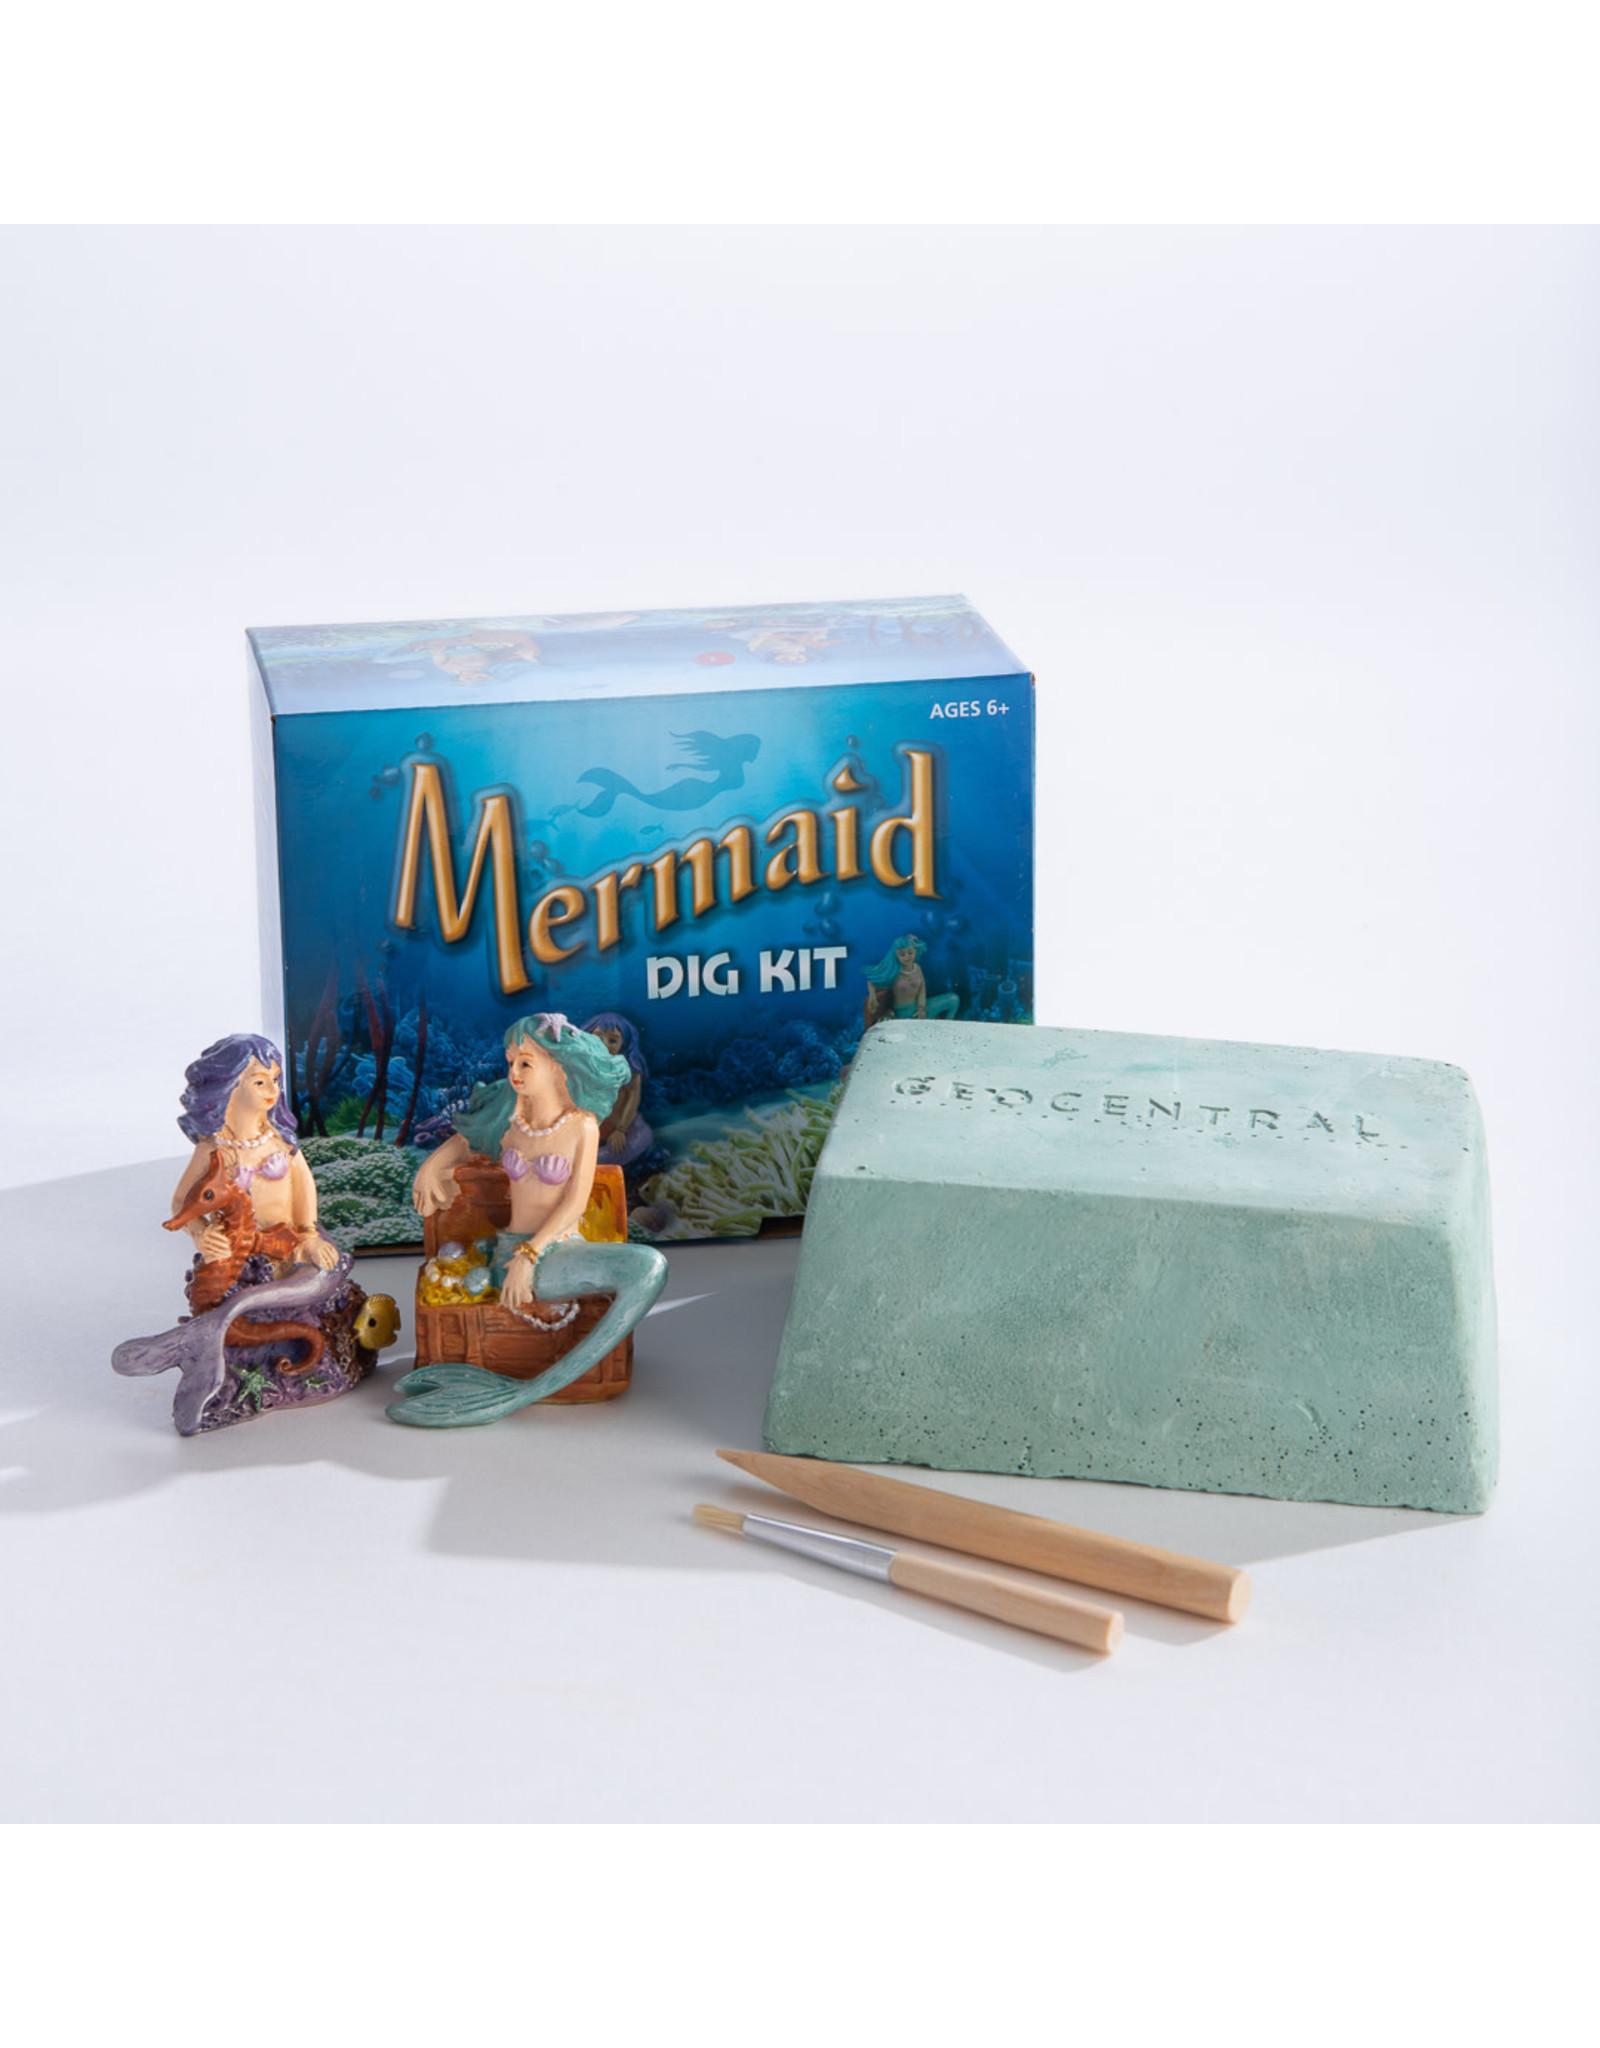 GeoCentral Mermaid Dig Kit